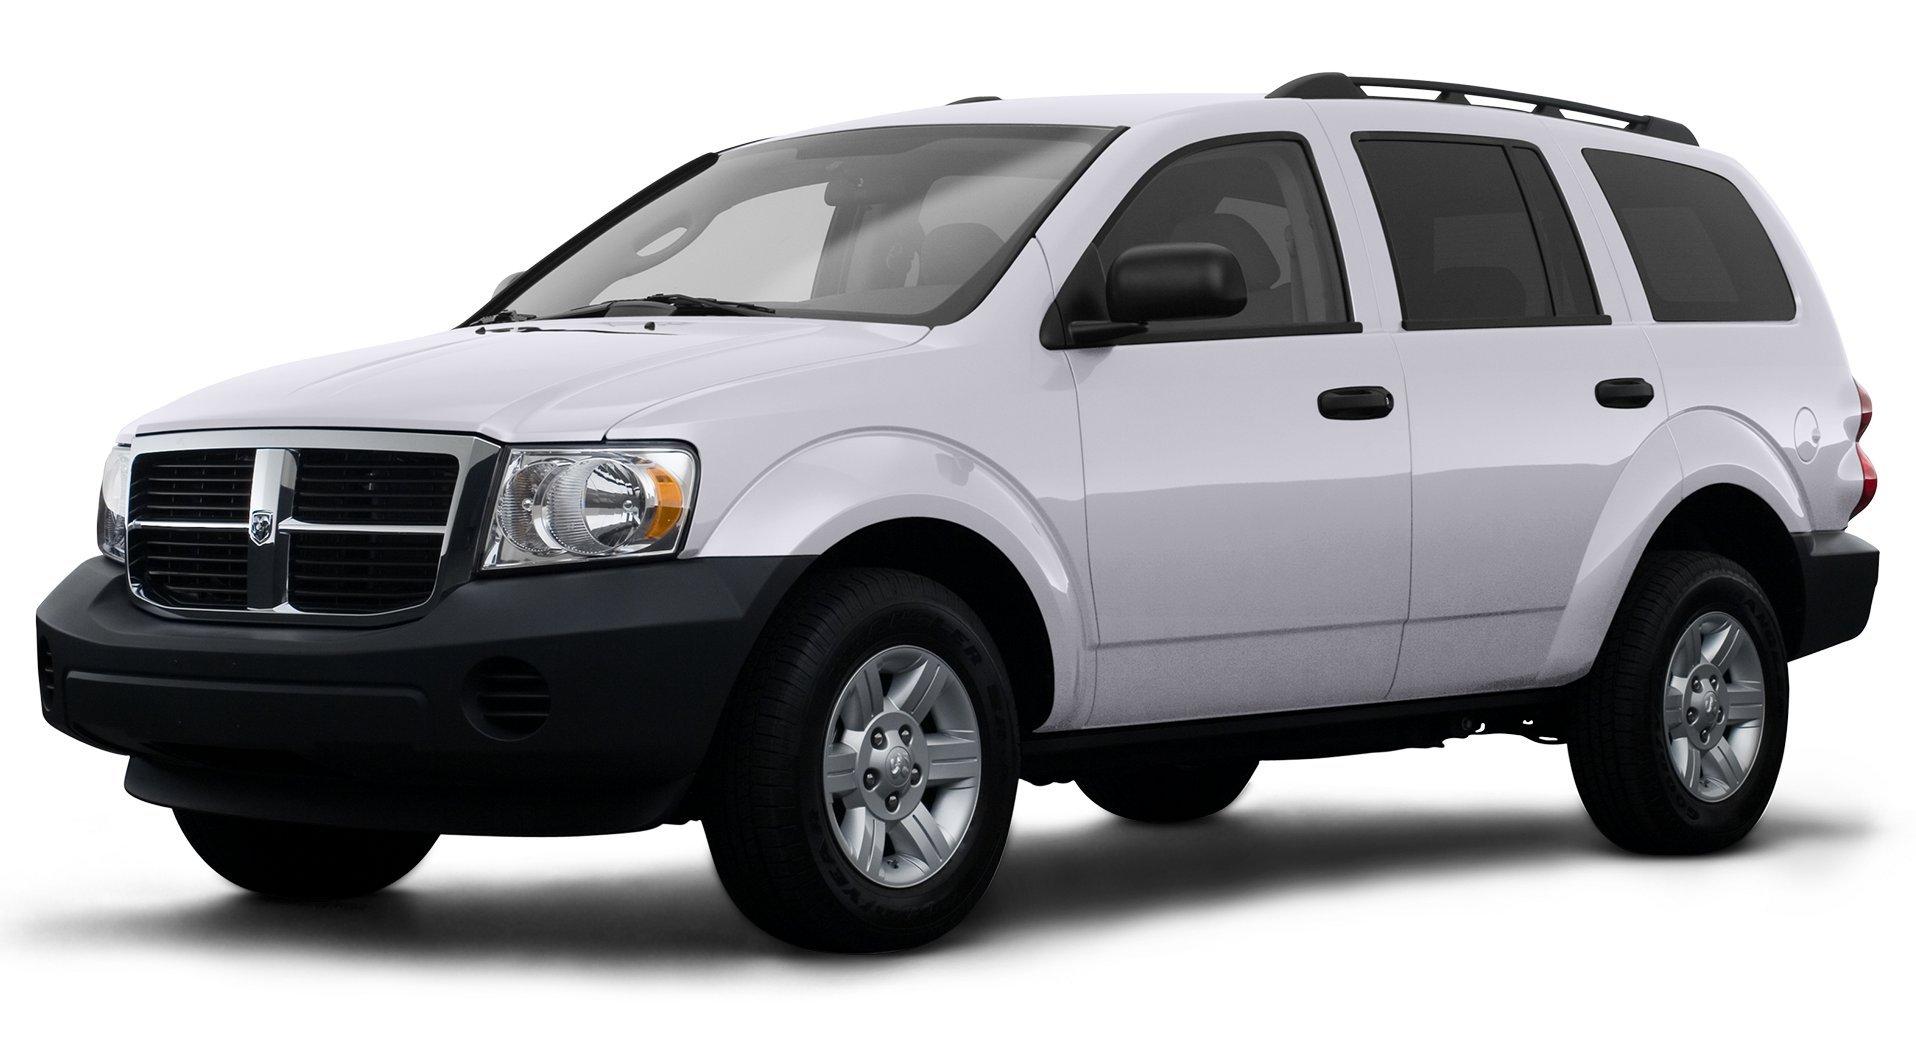 2008 Dodge Durango Adventurer, 2-Wheel Drive 4-Door ...